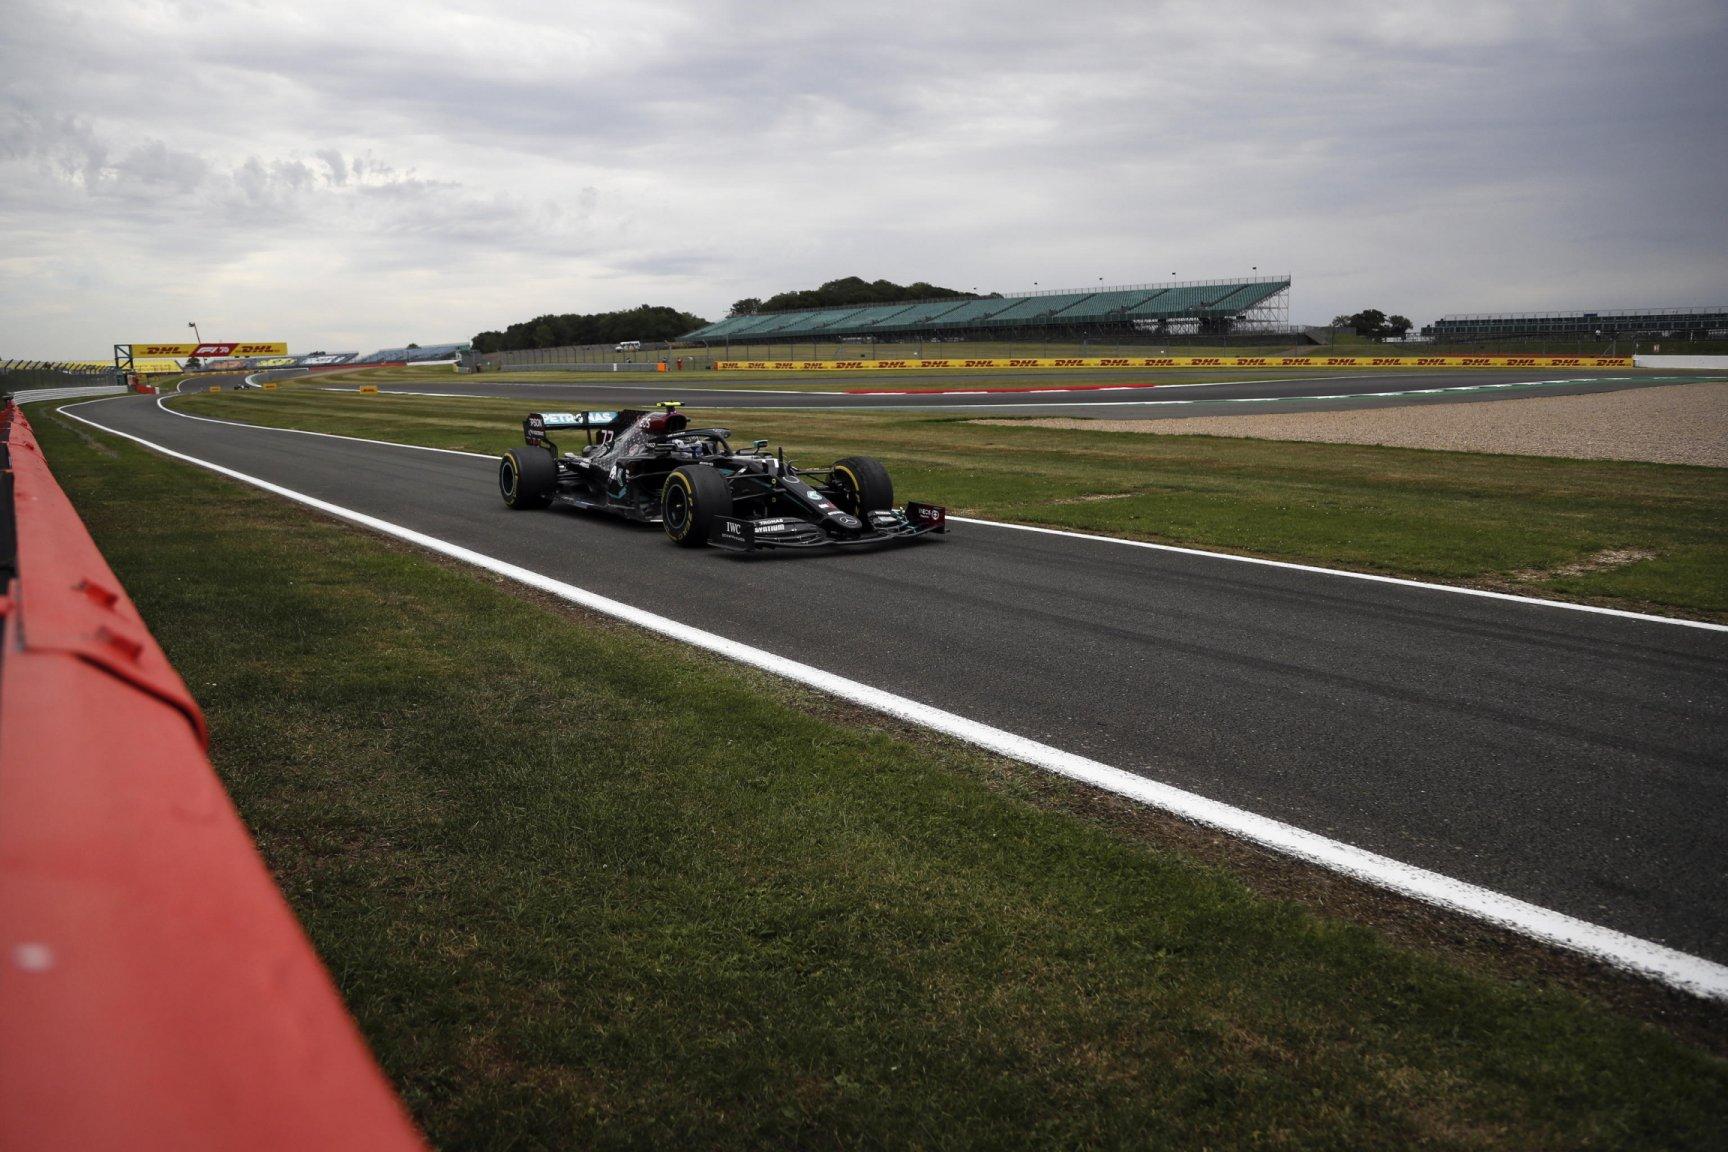 F1 70 Anniversario 2020, Qualifiche - Diretta esclusiva Sky Sport. Differita TV8